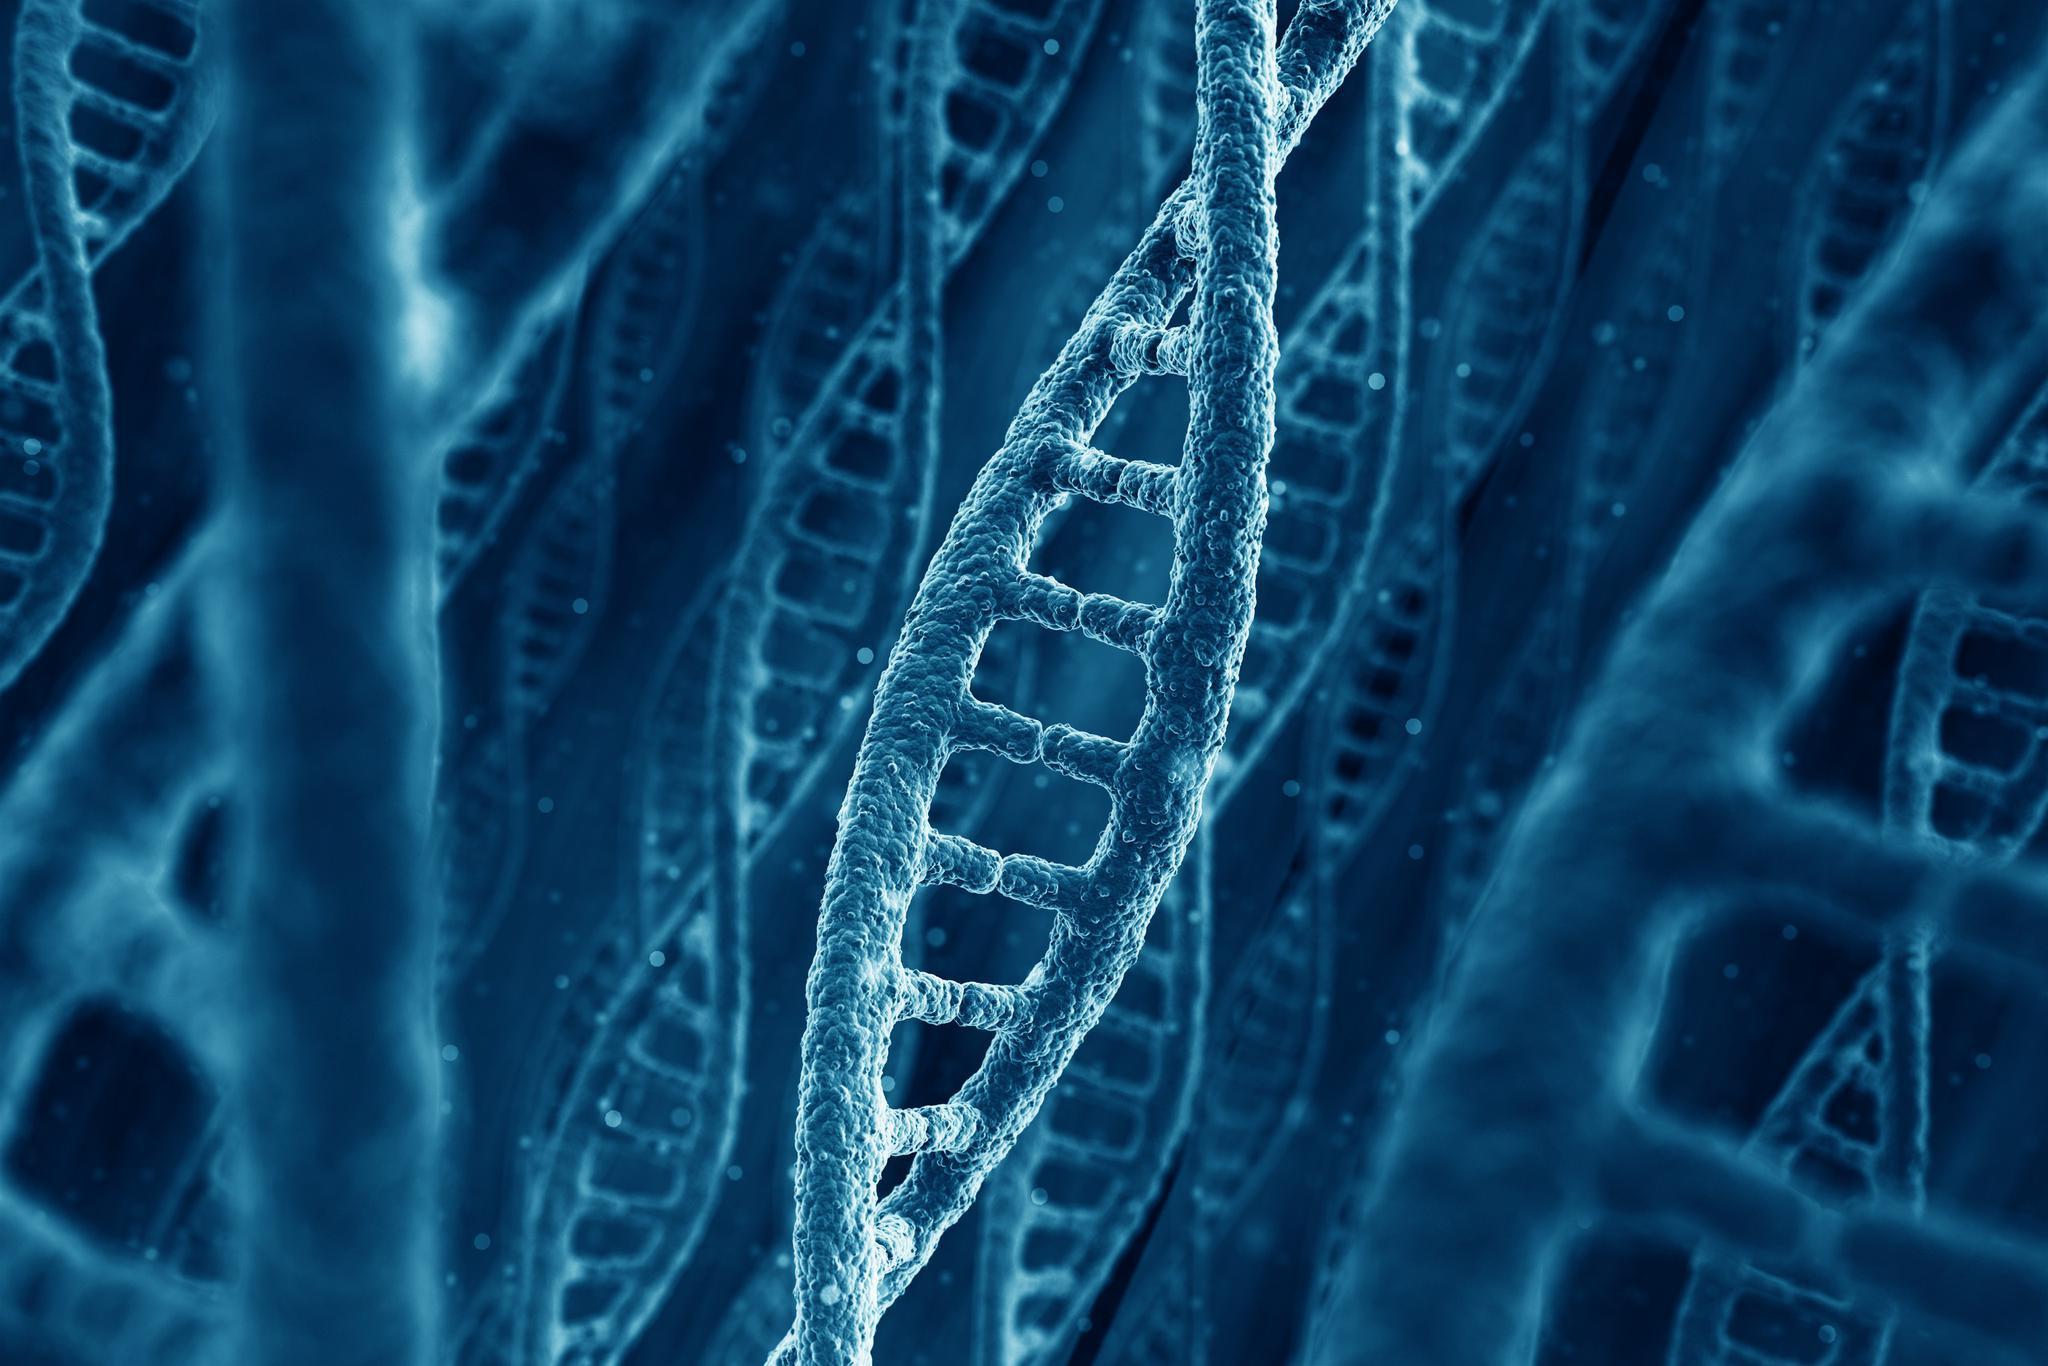 基因测序伟大意义,基因生理功能终将揭开